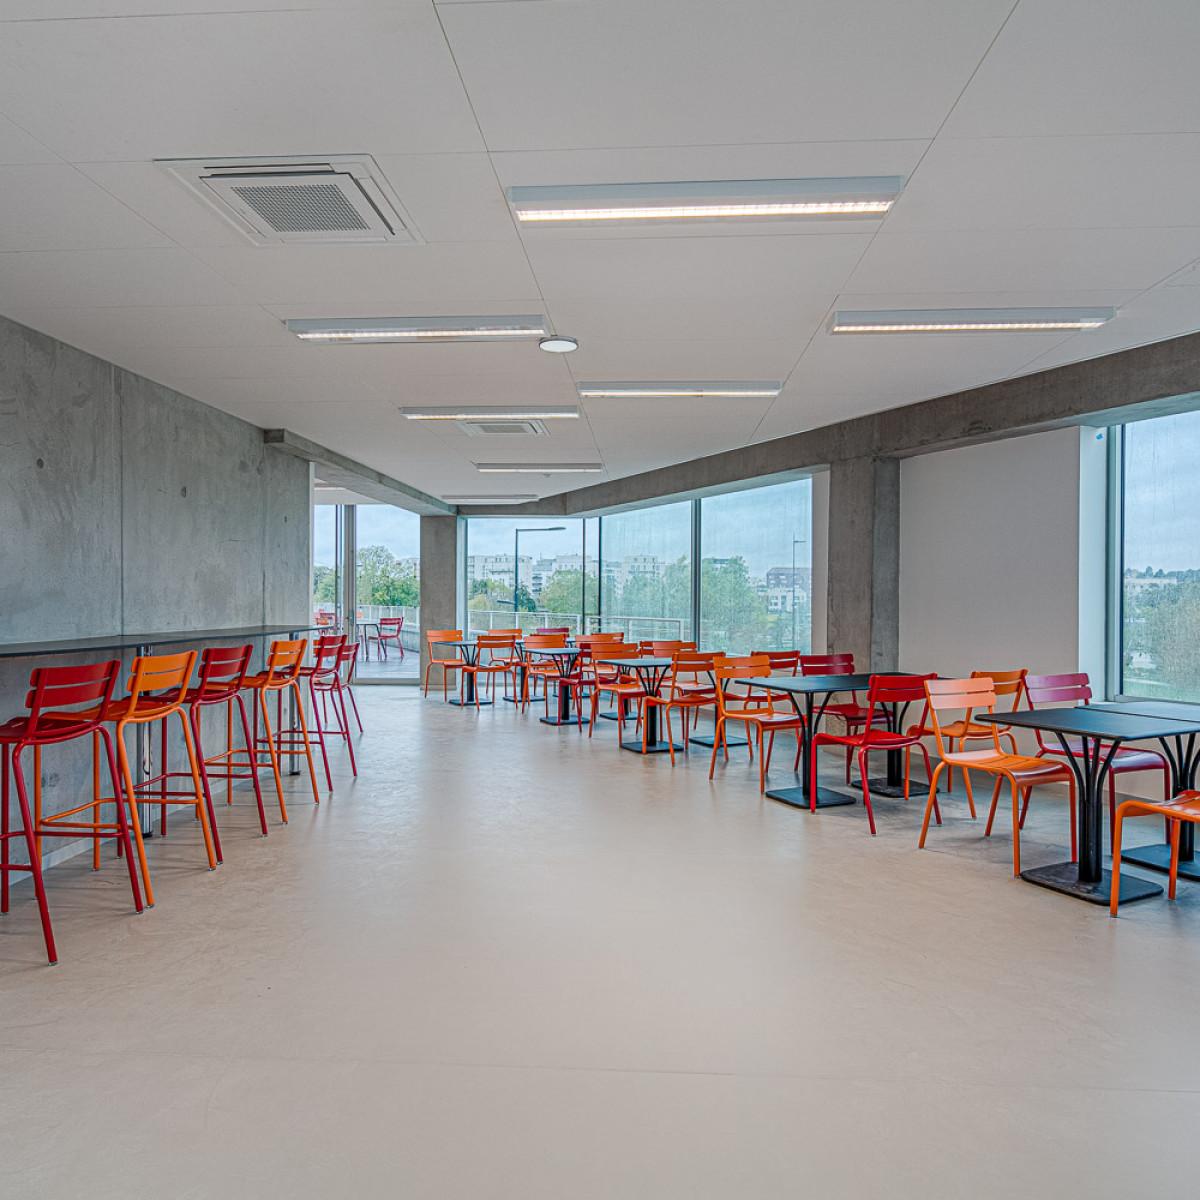 ETPA école Jeu Vidéo Rennes